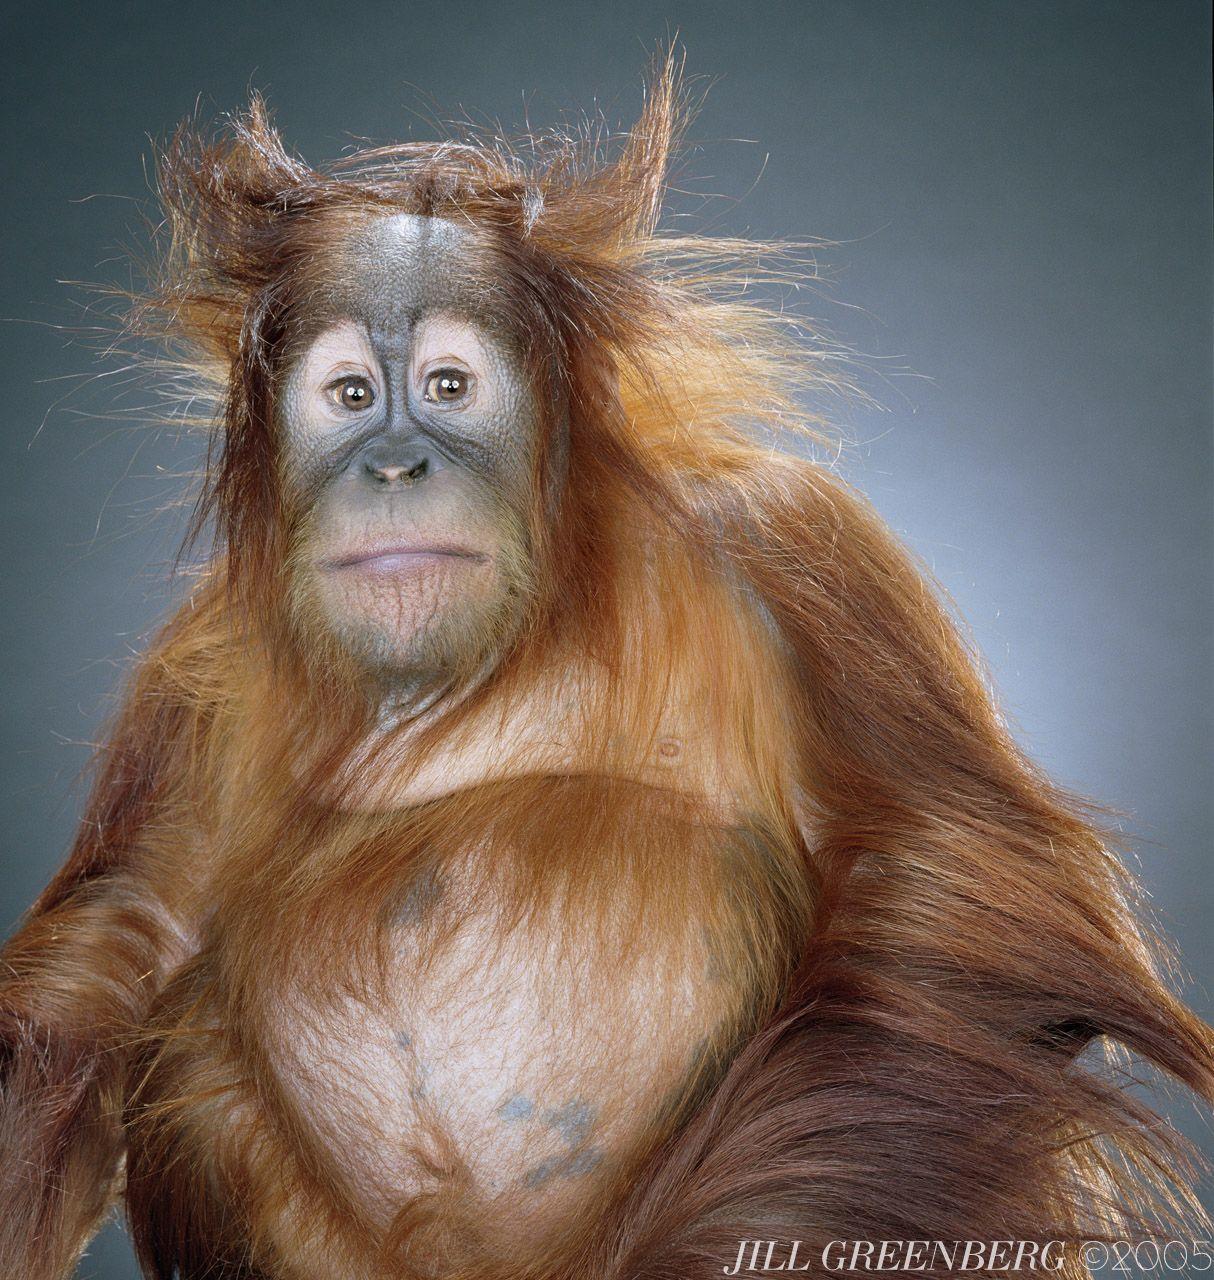 28 best monkey buzzniz images on pinterest jill greenberg